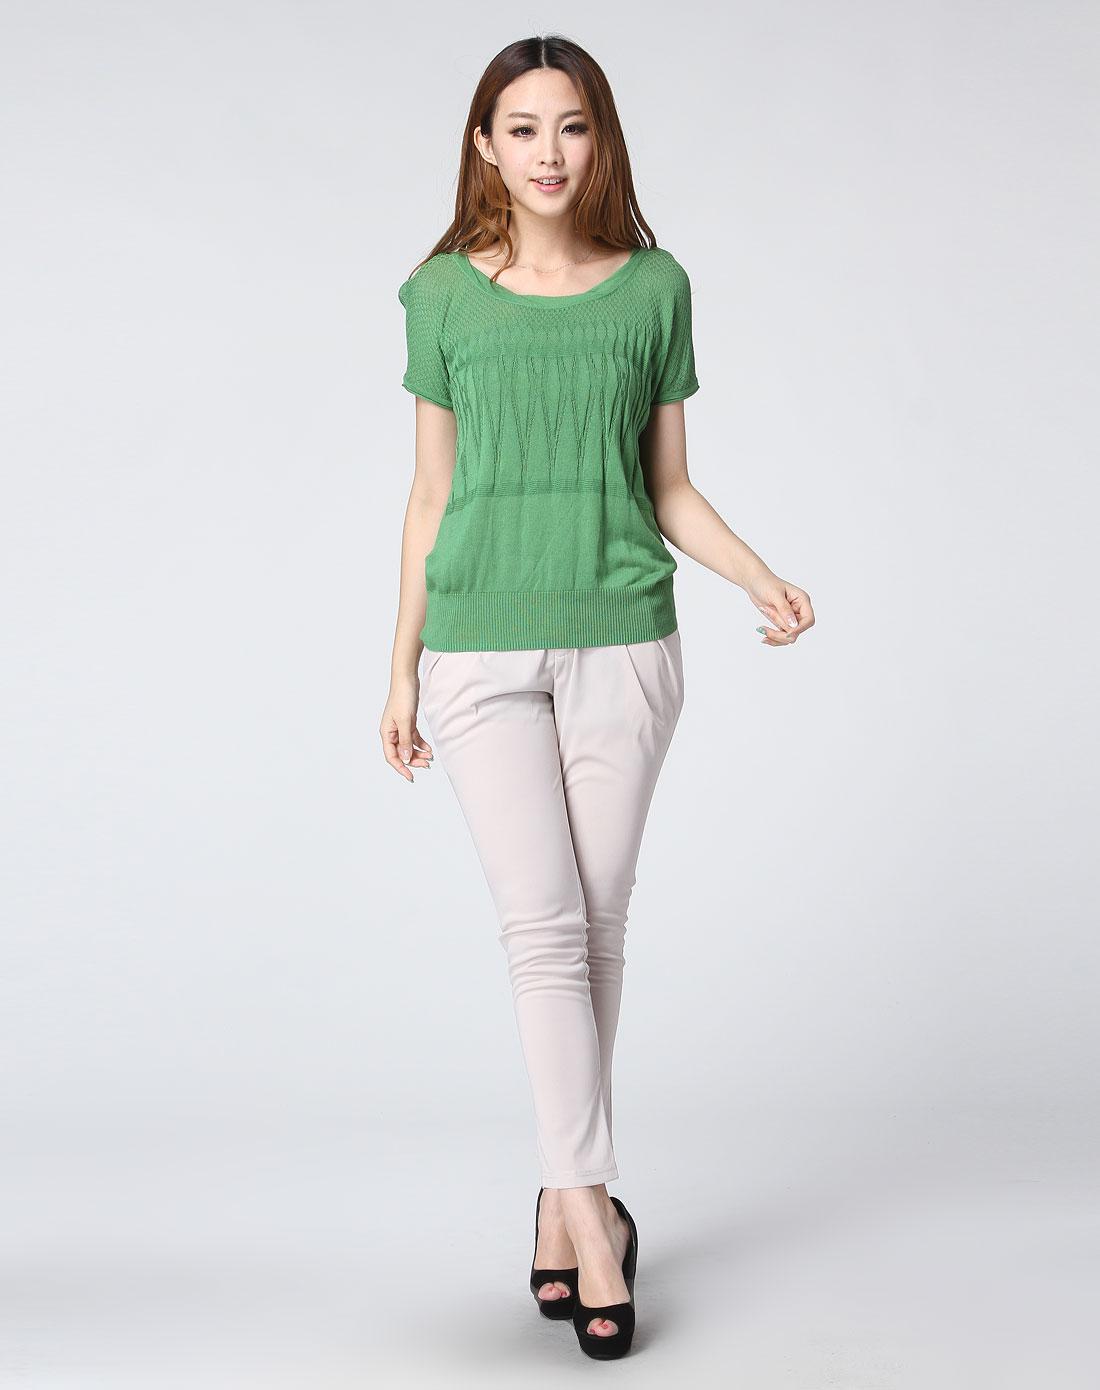 绿色简约圆领短袖针织衫